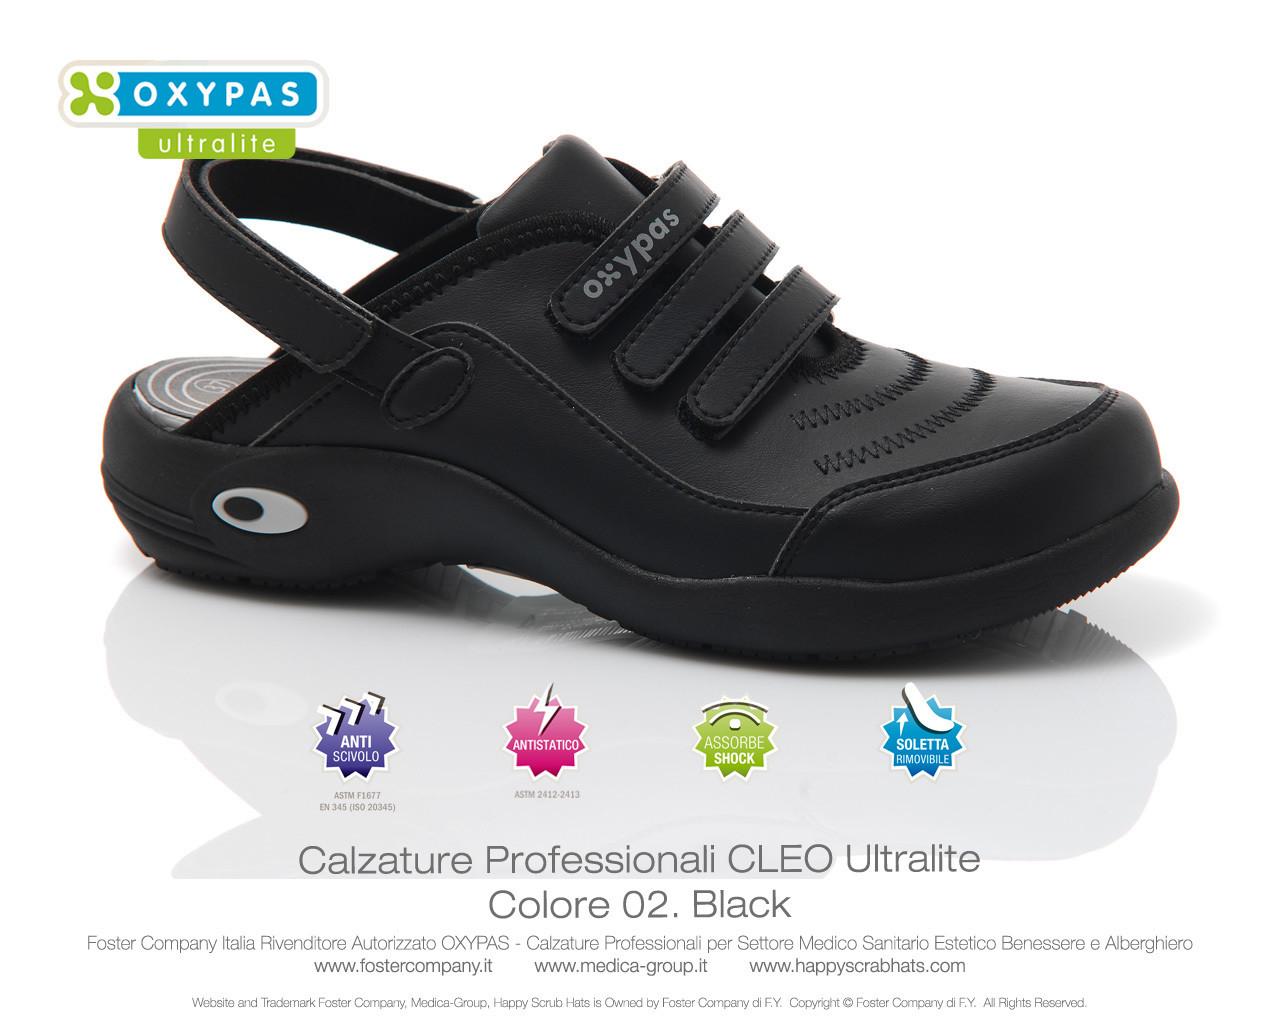 Calzature Professionali Oxypas CLEO Colore 02. Black